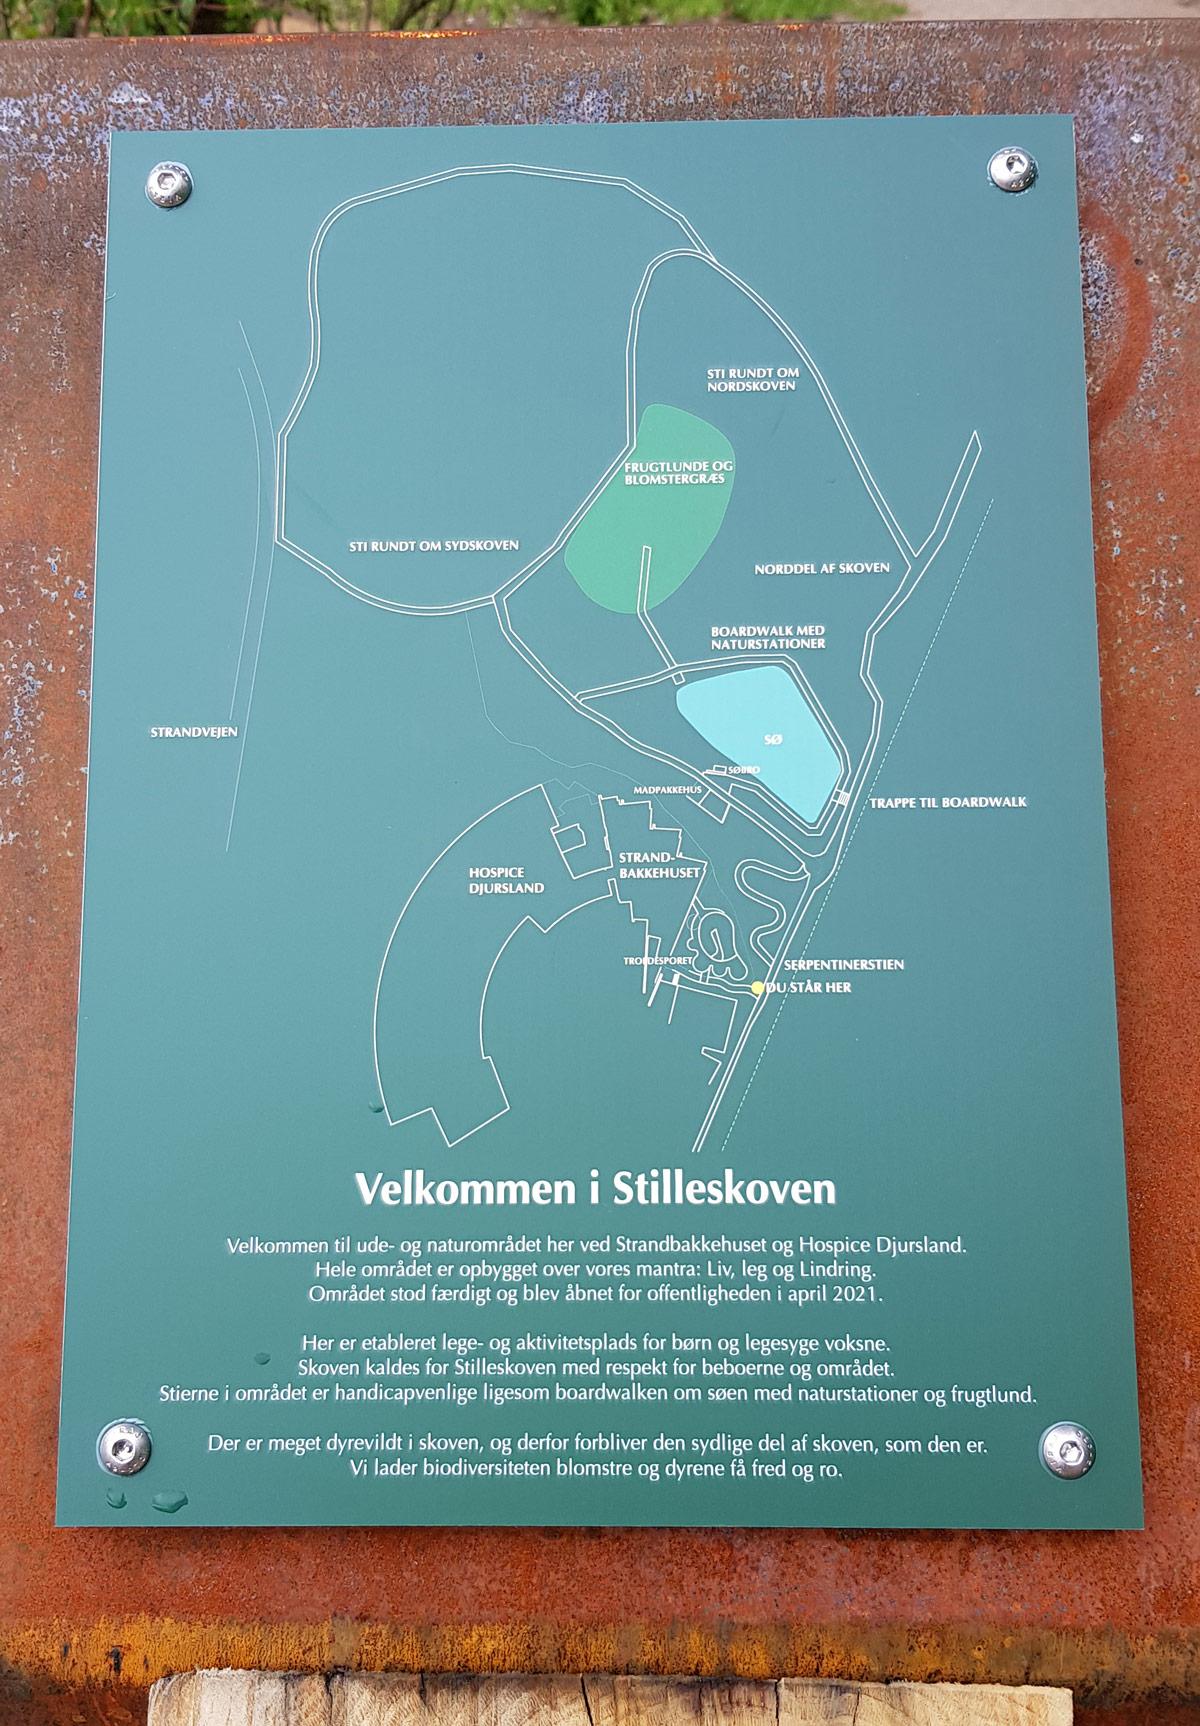 Kort over de forskellige områder og aktiviteter i Stilleskoven